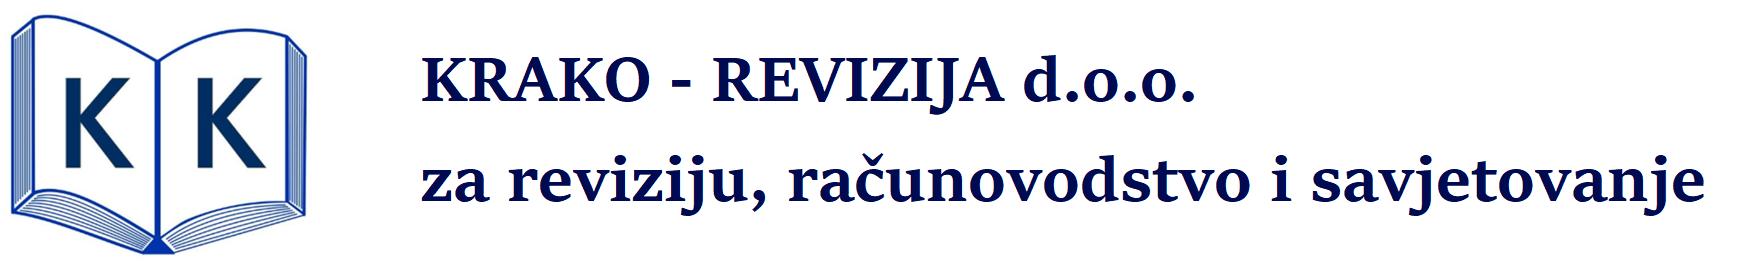 krako-revizija.hr